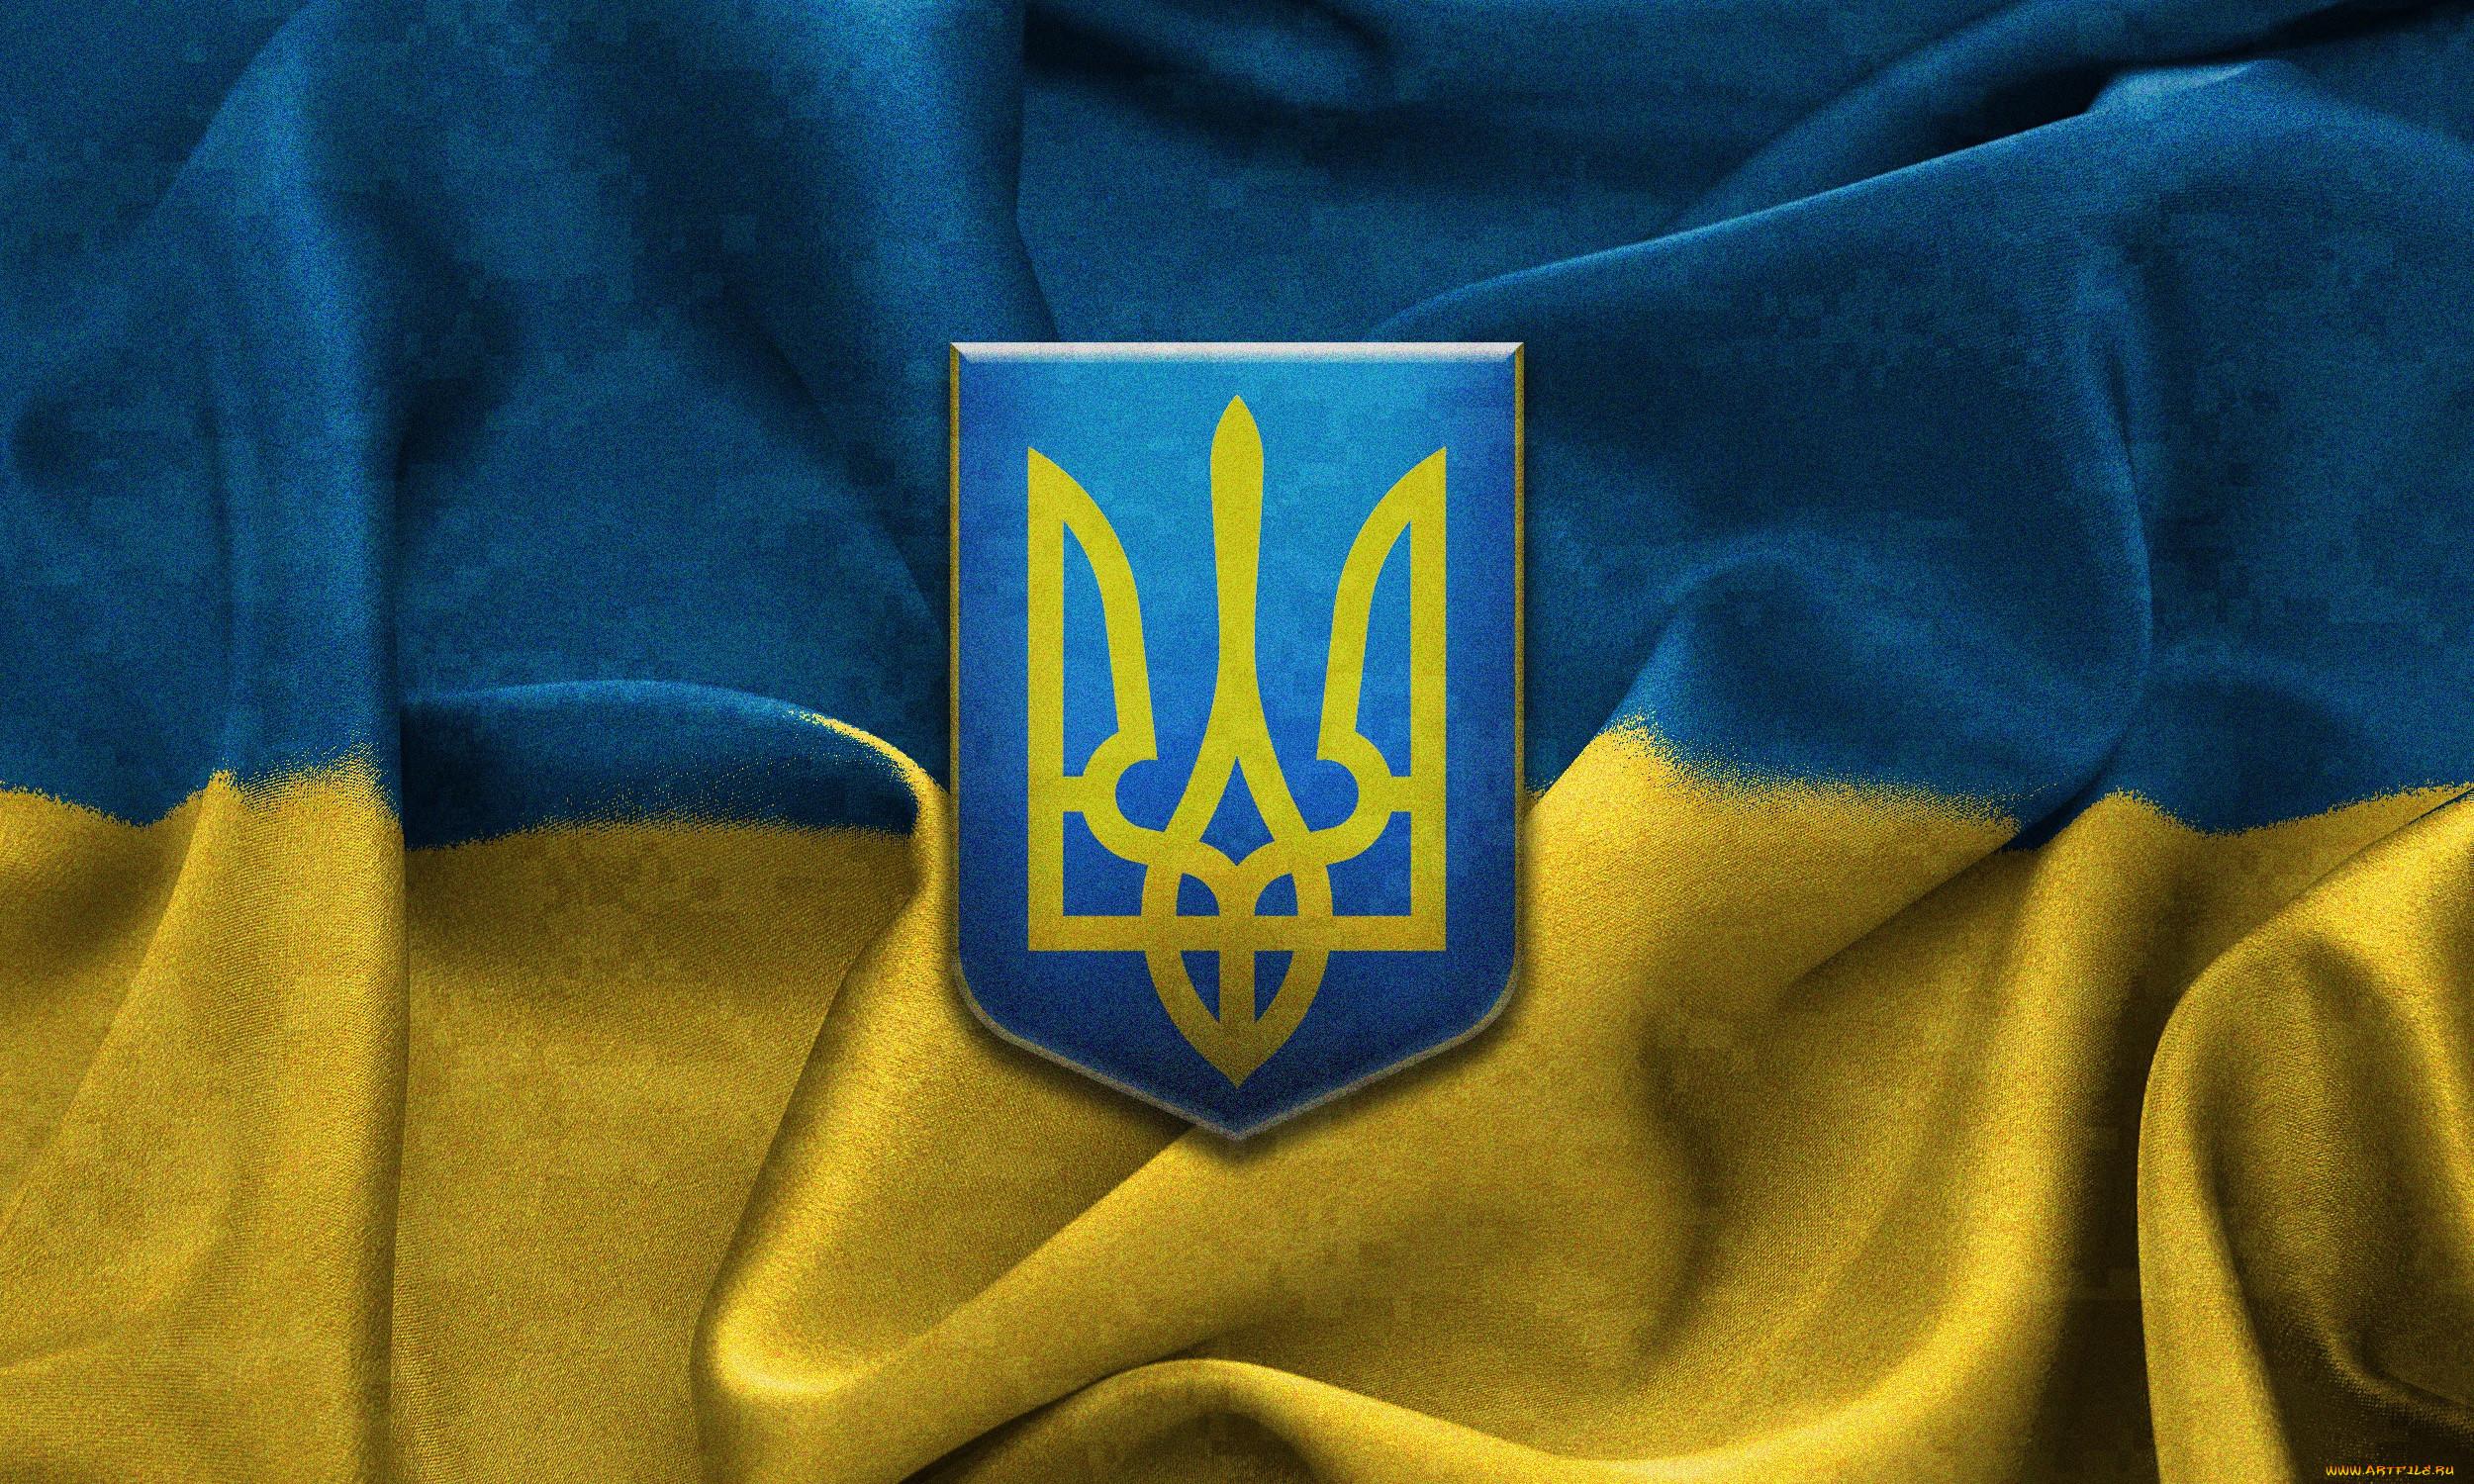 ожидали флаг украина картинки в хорошем качестве какие объекты